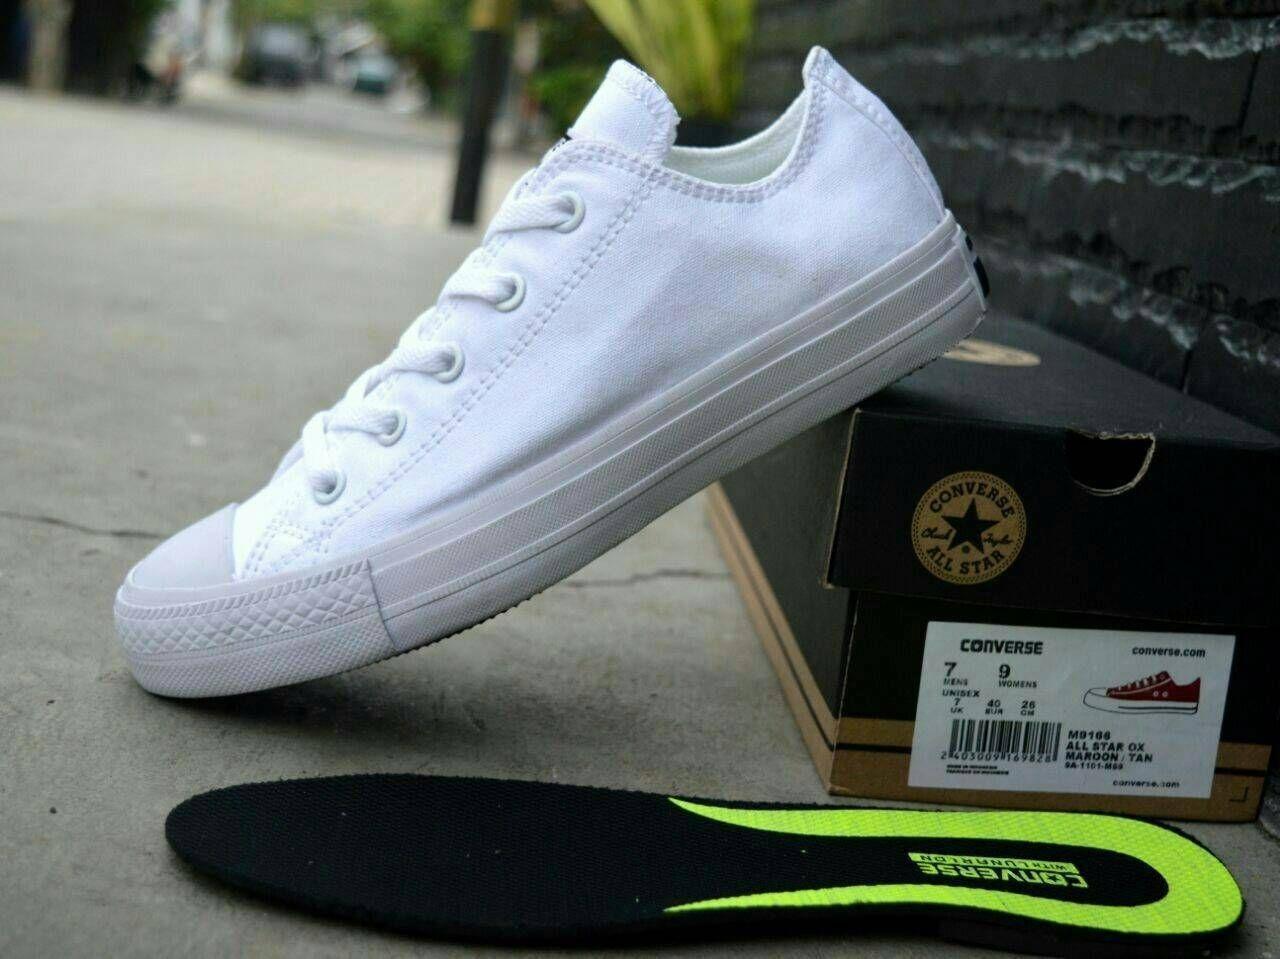 Sepatu Converse Gaya kasual Terkini terbaru slip on boots vans pantofel kanvas BERKWALITAS Putih